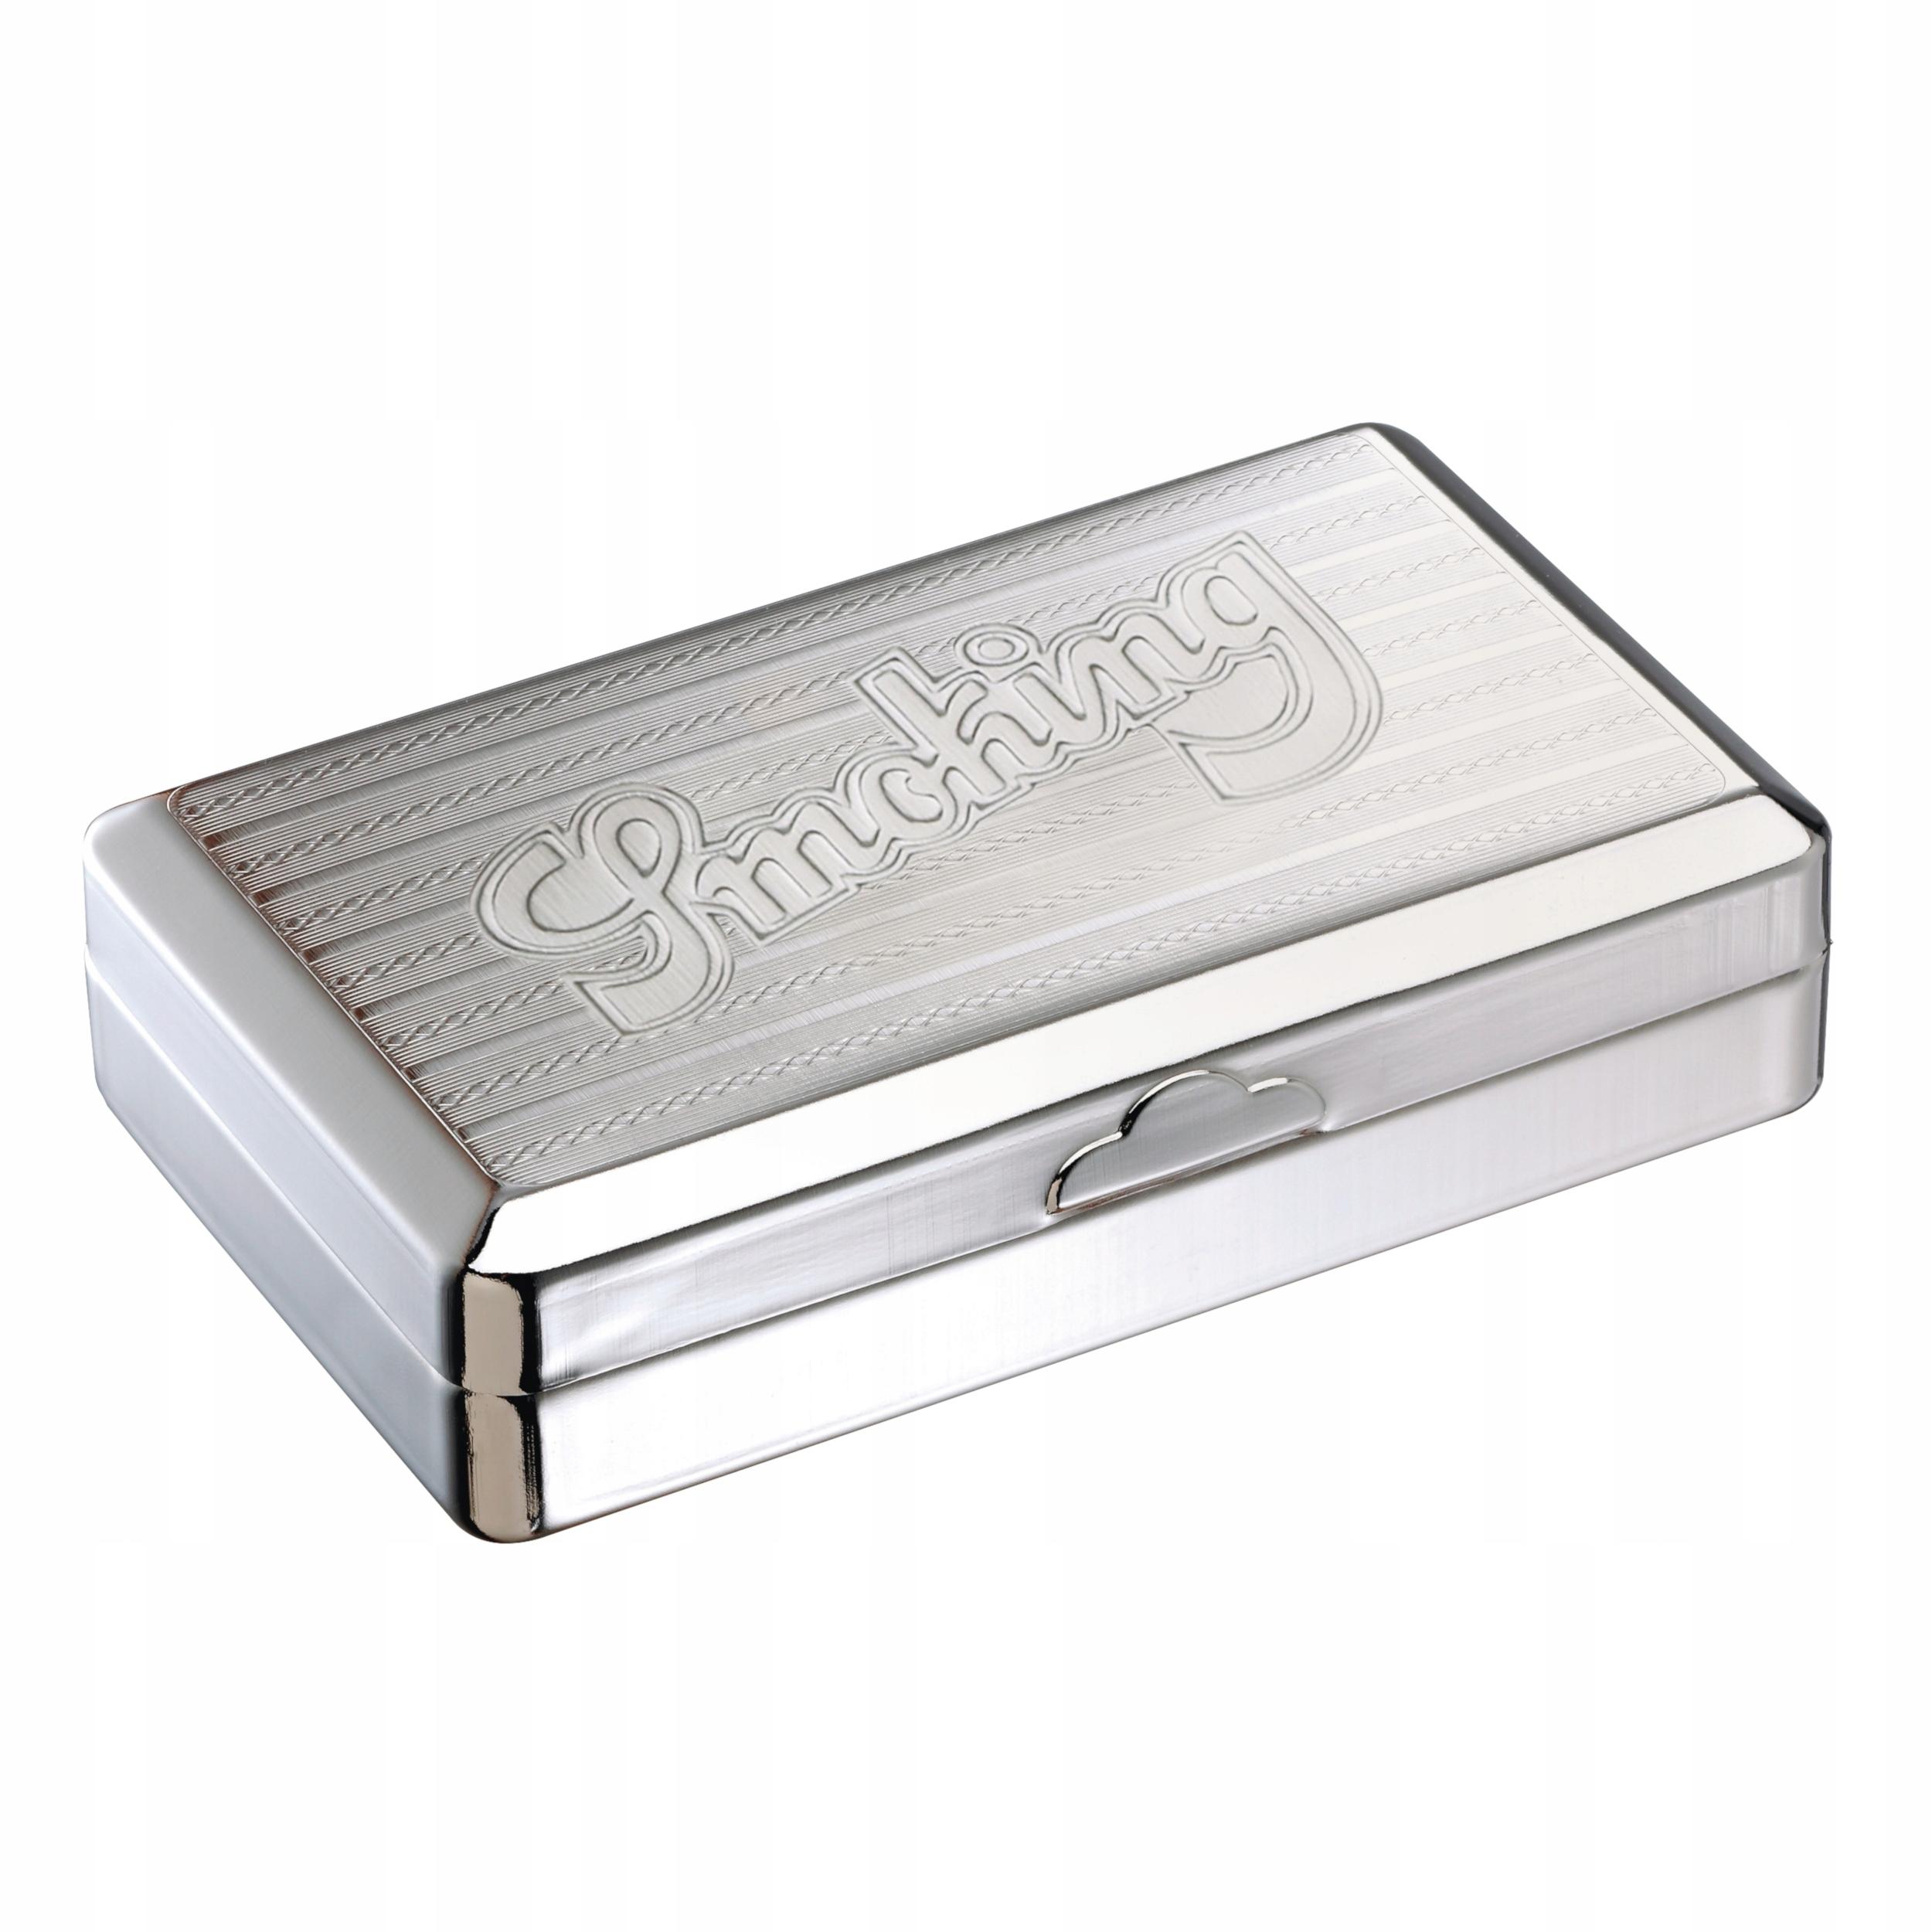 Серебряный мешочек, ящик для табака, смокинг